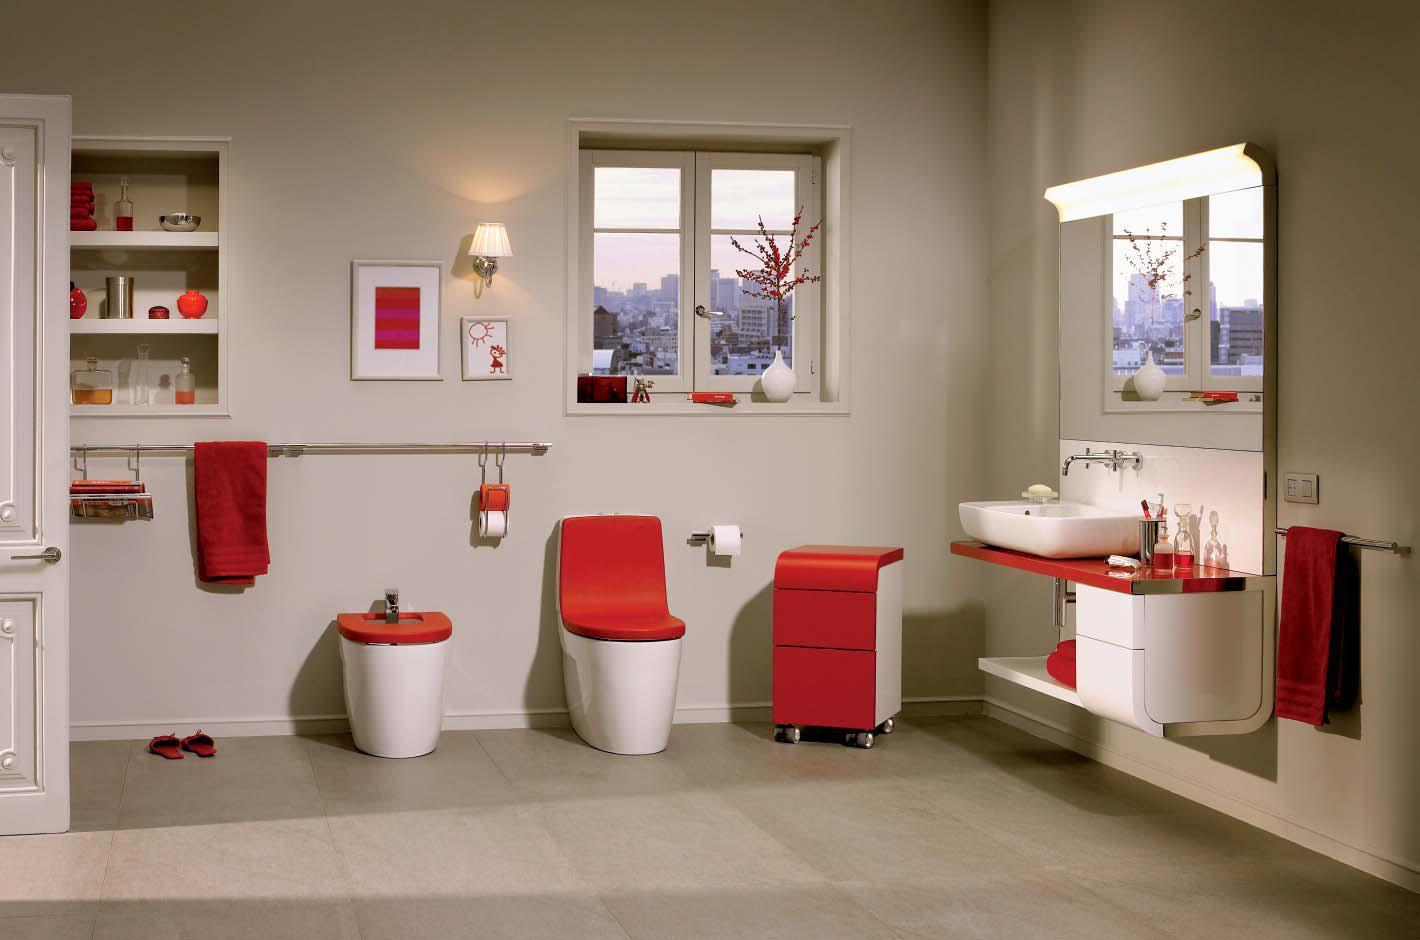 Красно-белая сантехника и мебель в ванной комнате